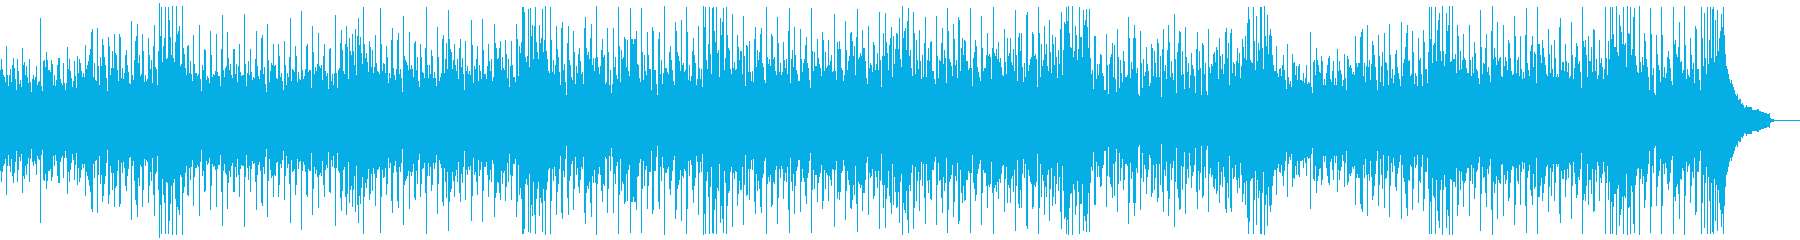 ファンキーイベントオープニング:ギター抜の再生済みの波形